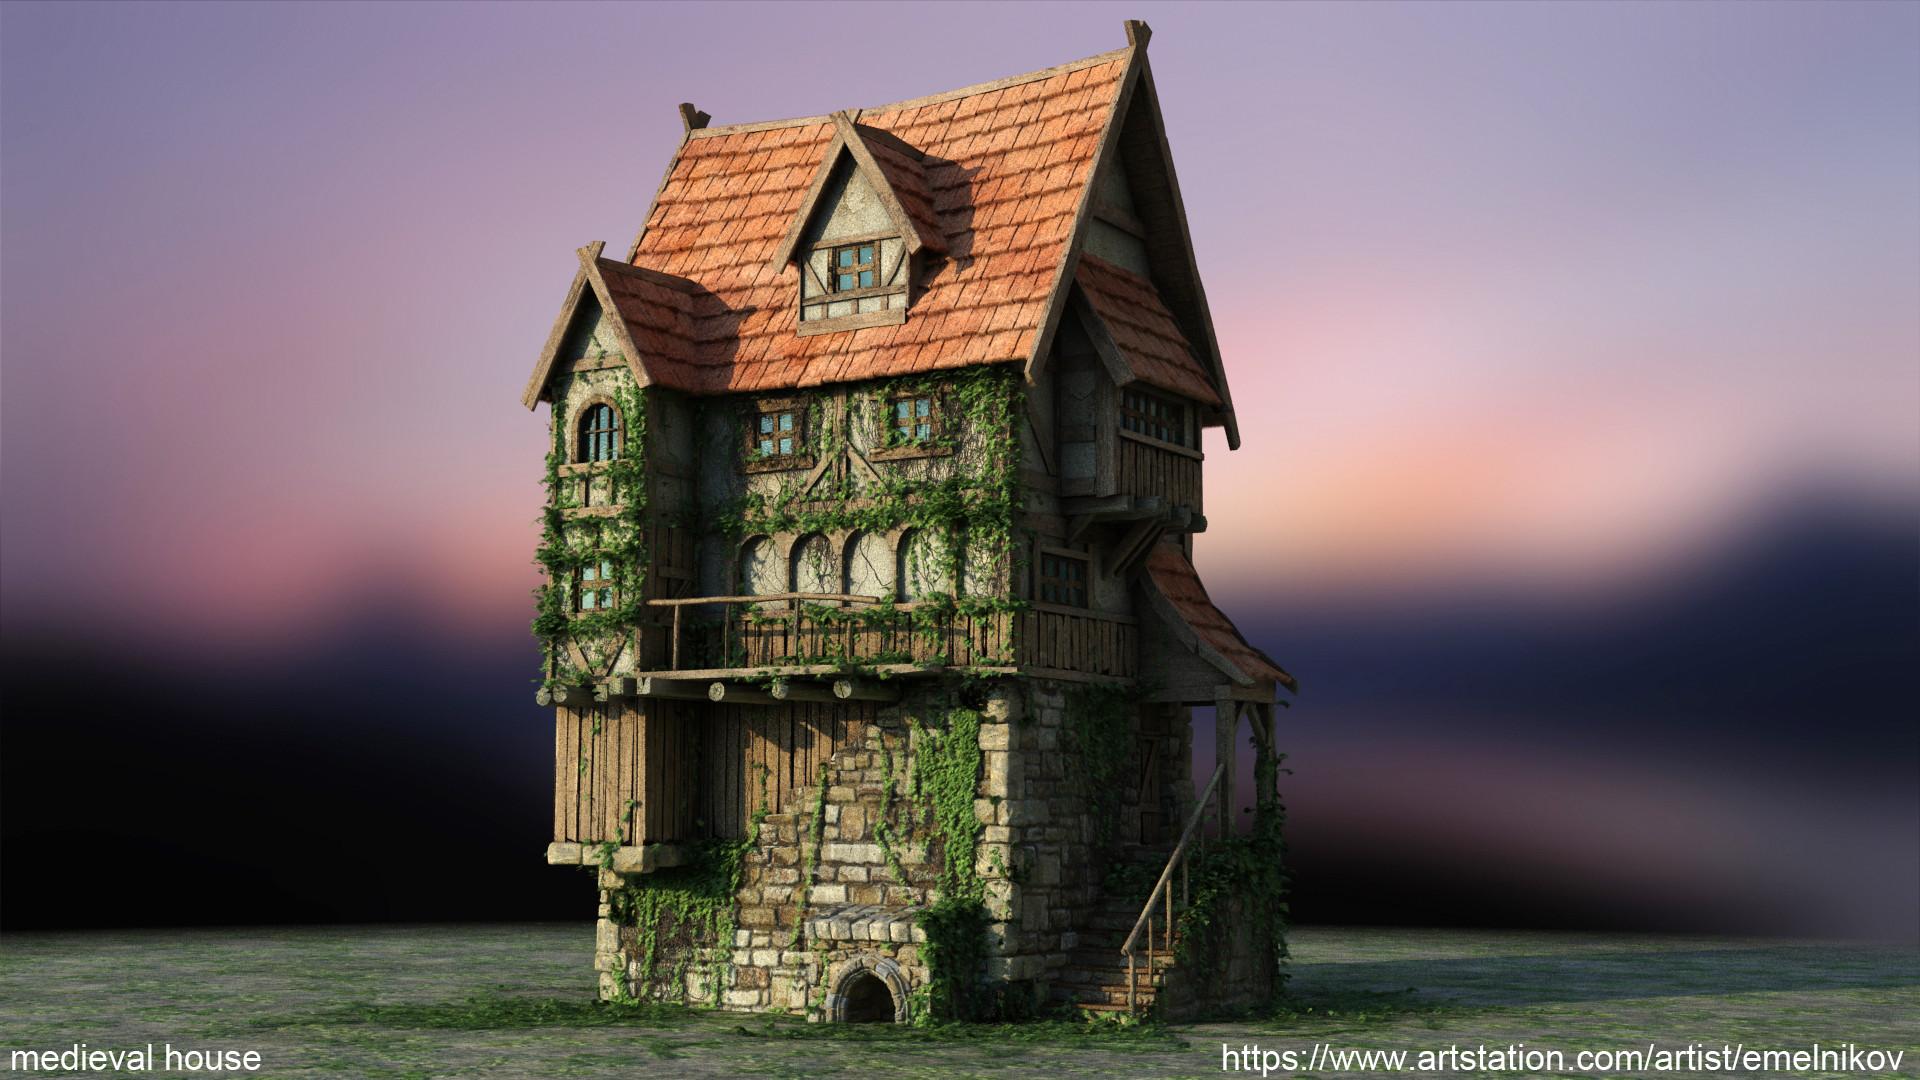 Eugene melnikov medieval house1 render frm0